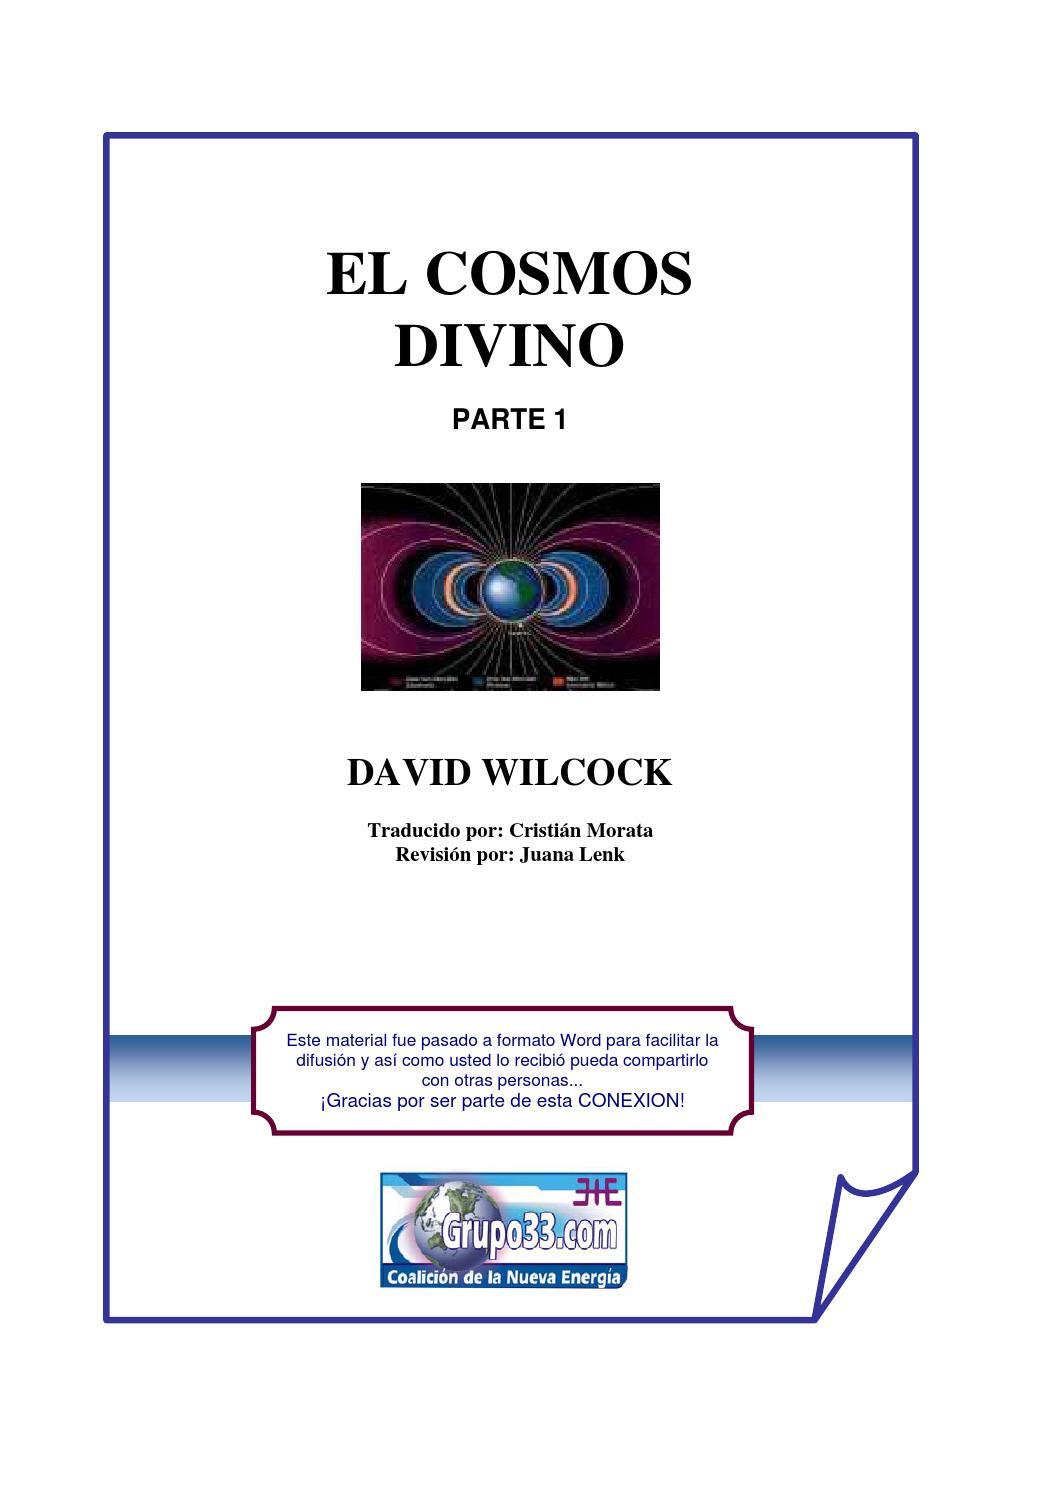 El cosmos divino by astroman - issuu